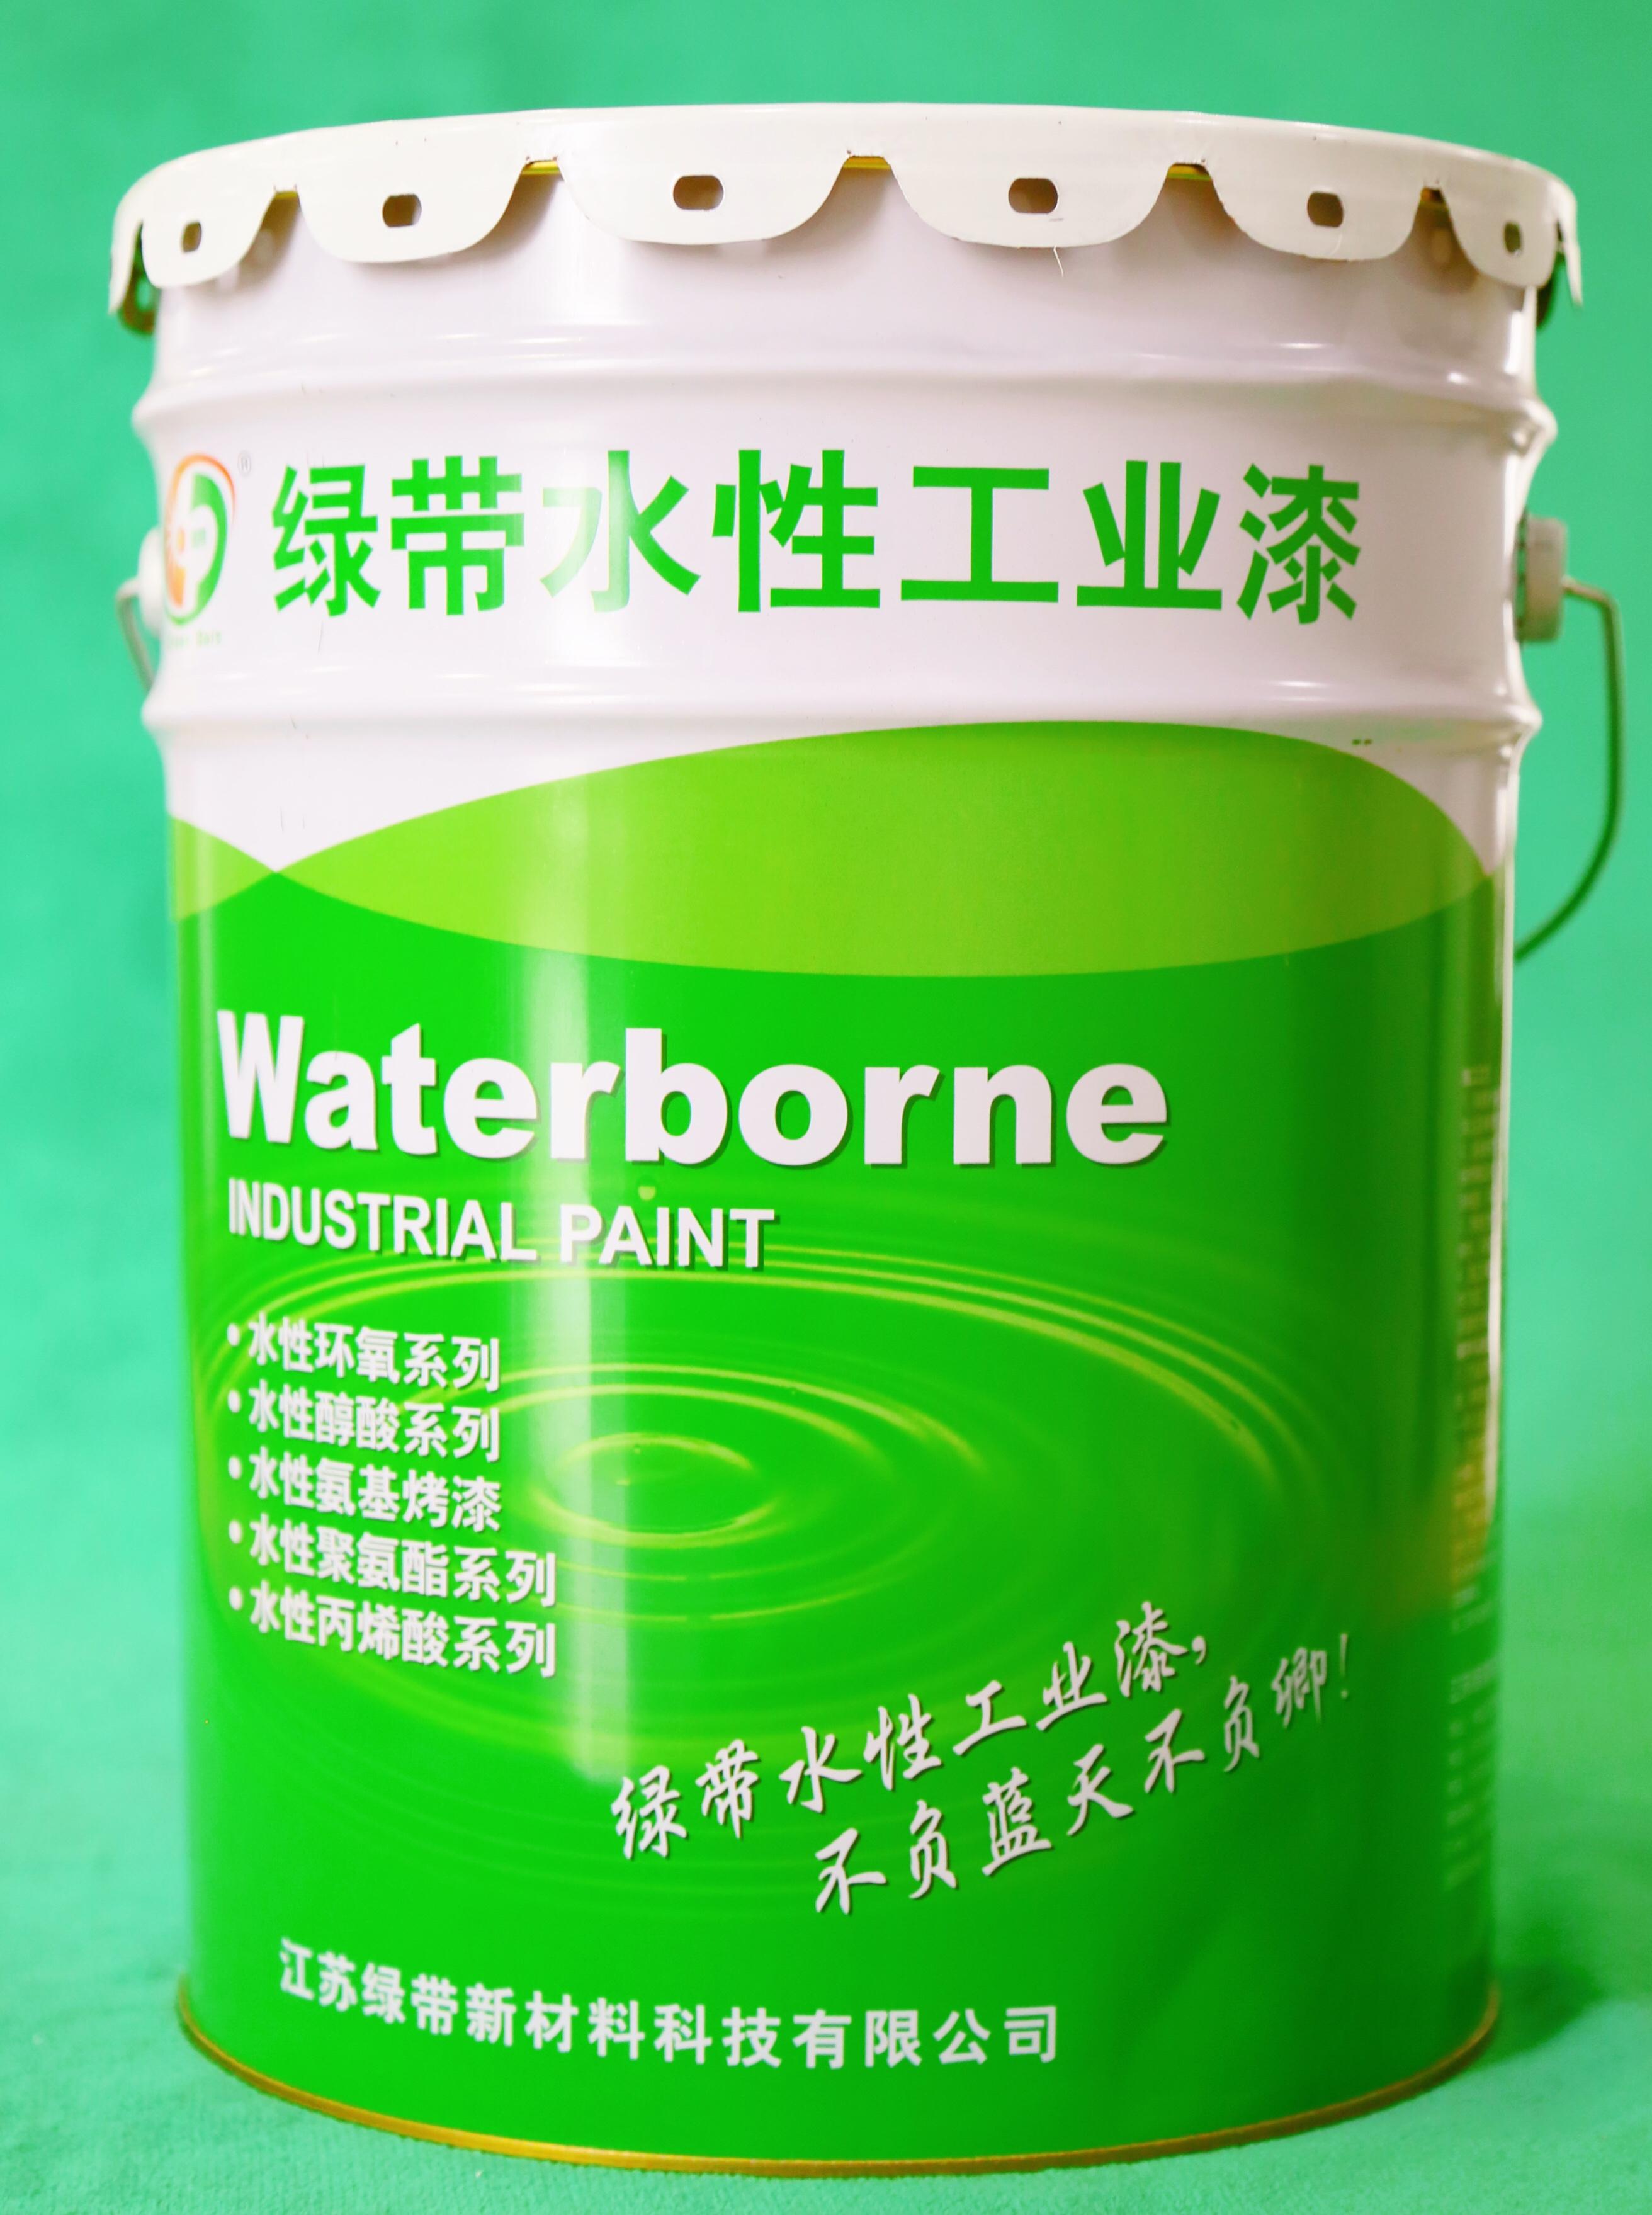 水性醇酸底面合一漆水性醇酸底面合一漆图片